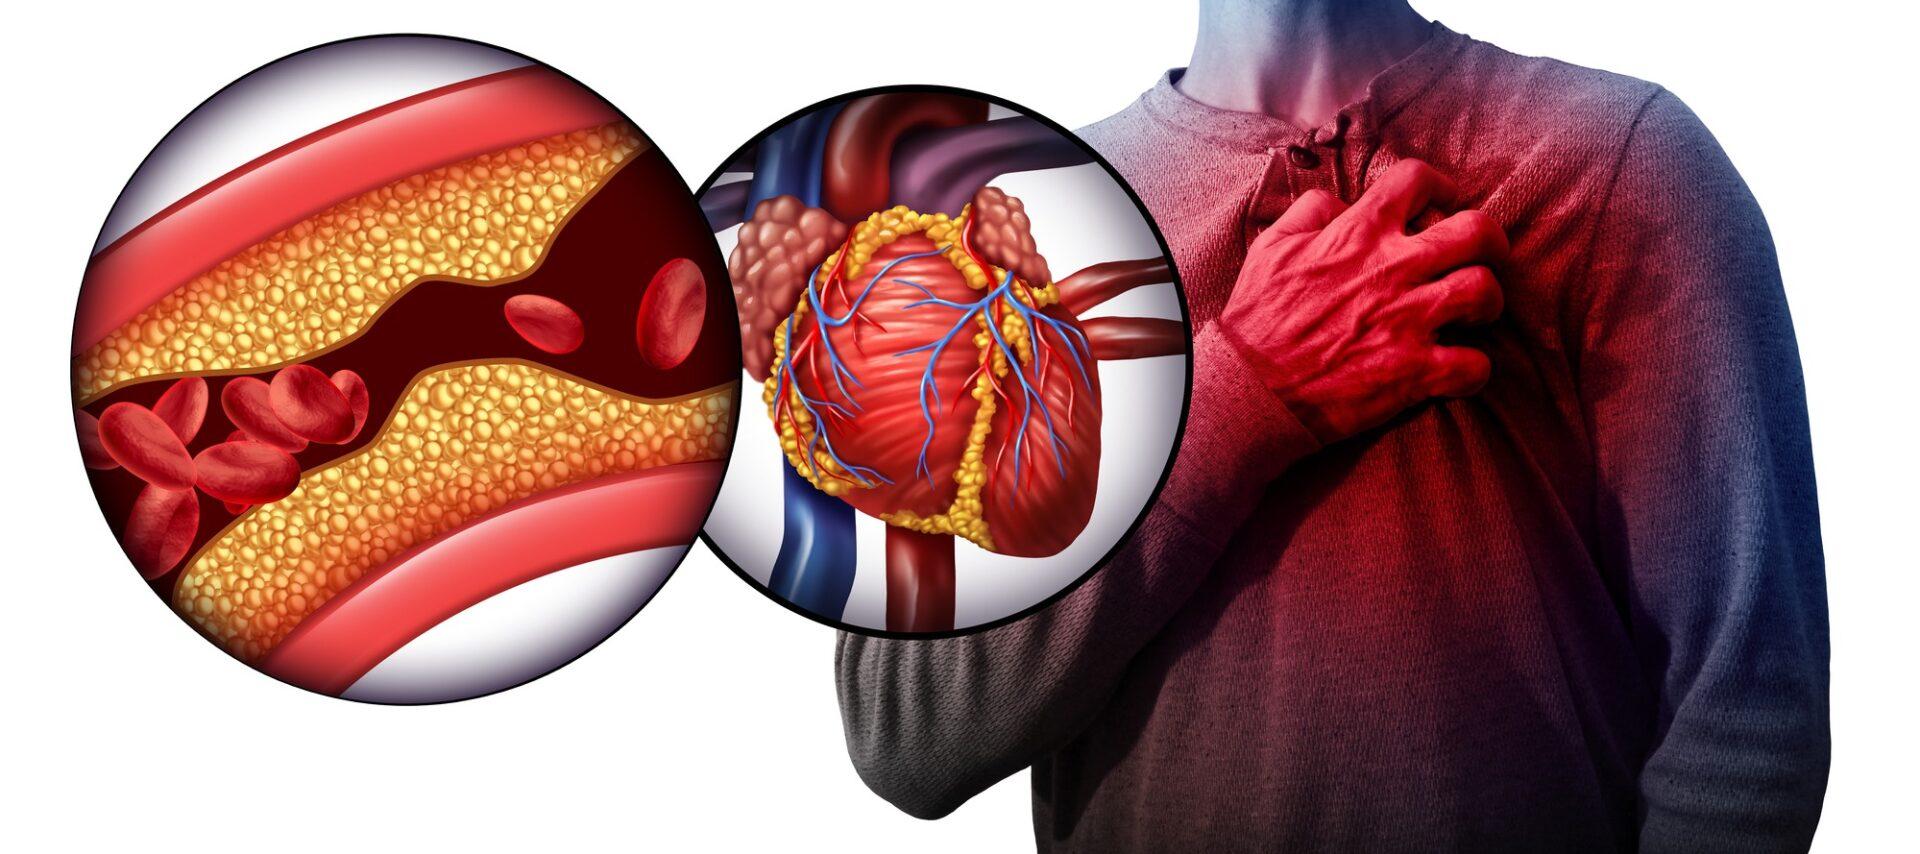 Heart disease Nattokinase